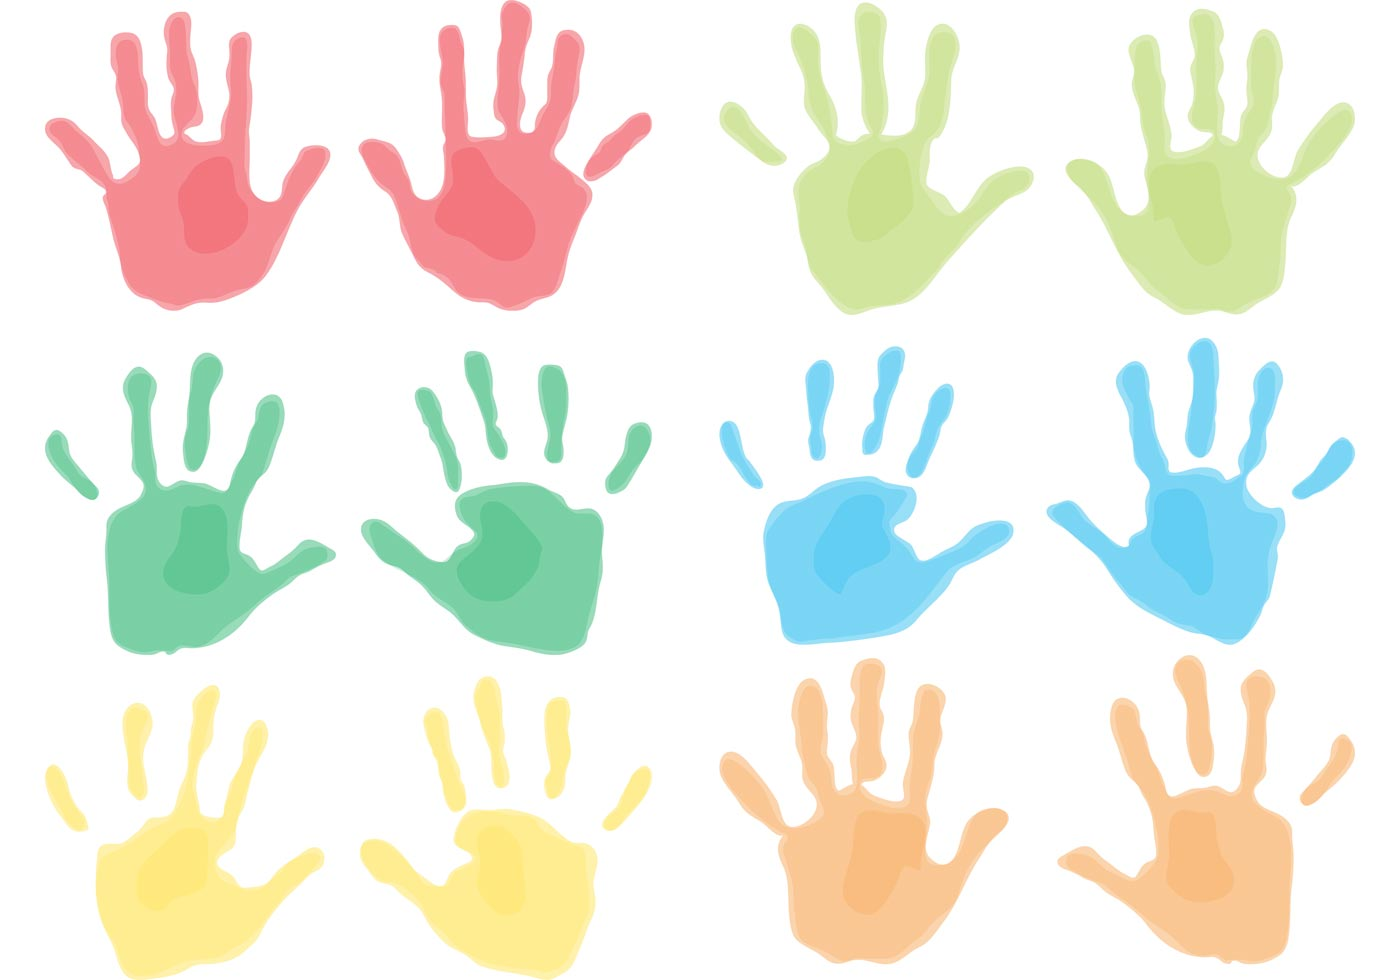 Handprints Del Niño Descargue Gráficos Y Vectores Gratis